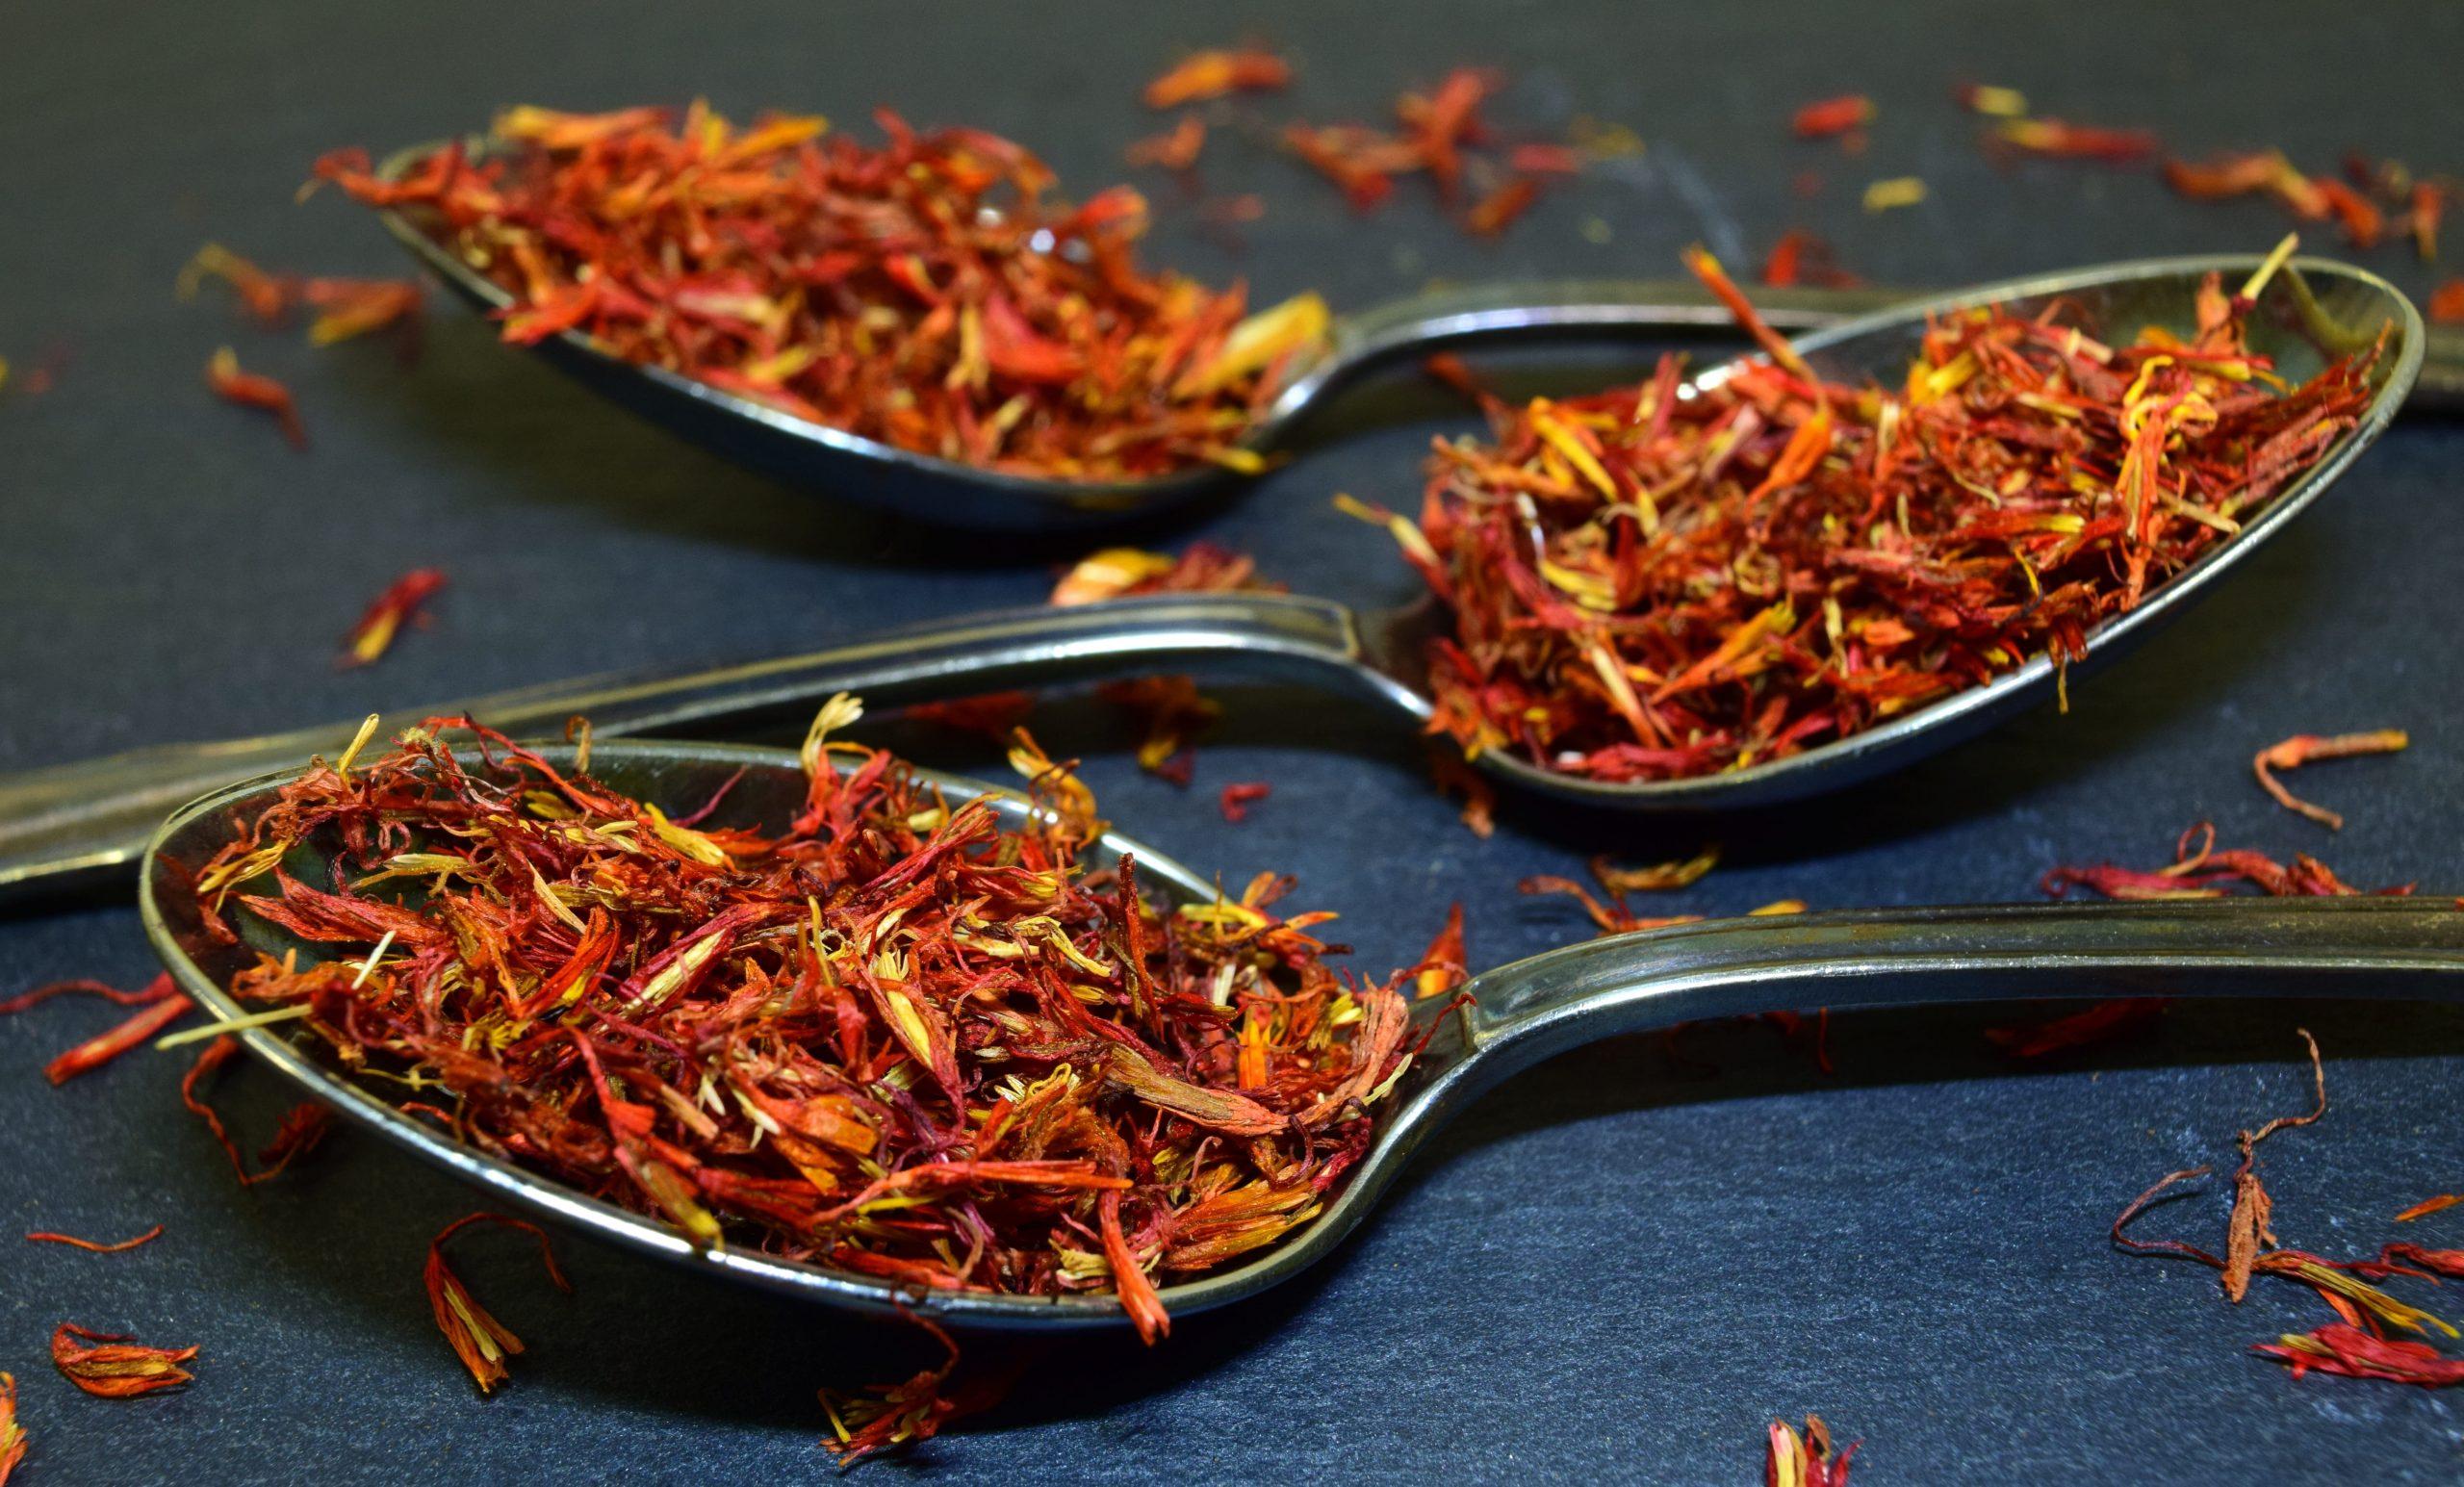 Spoons, saffron